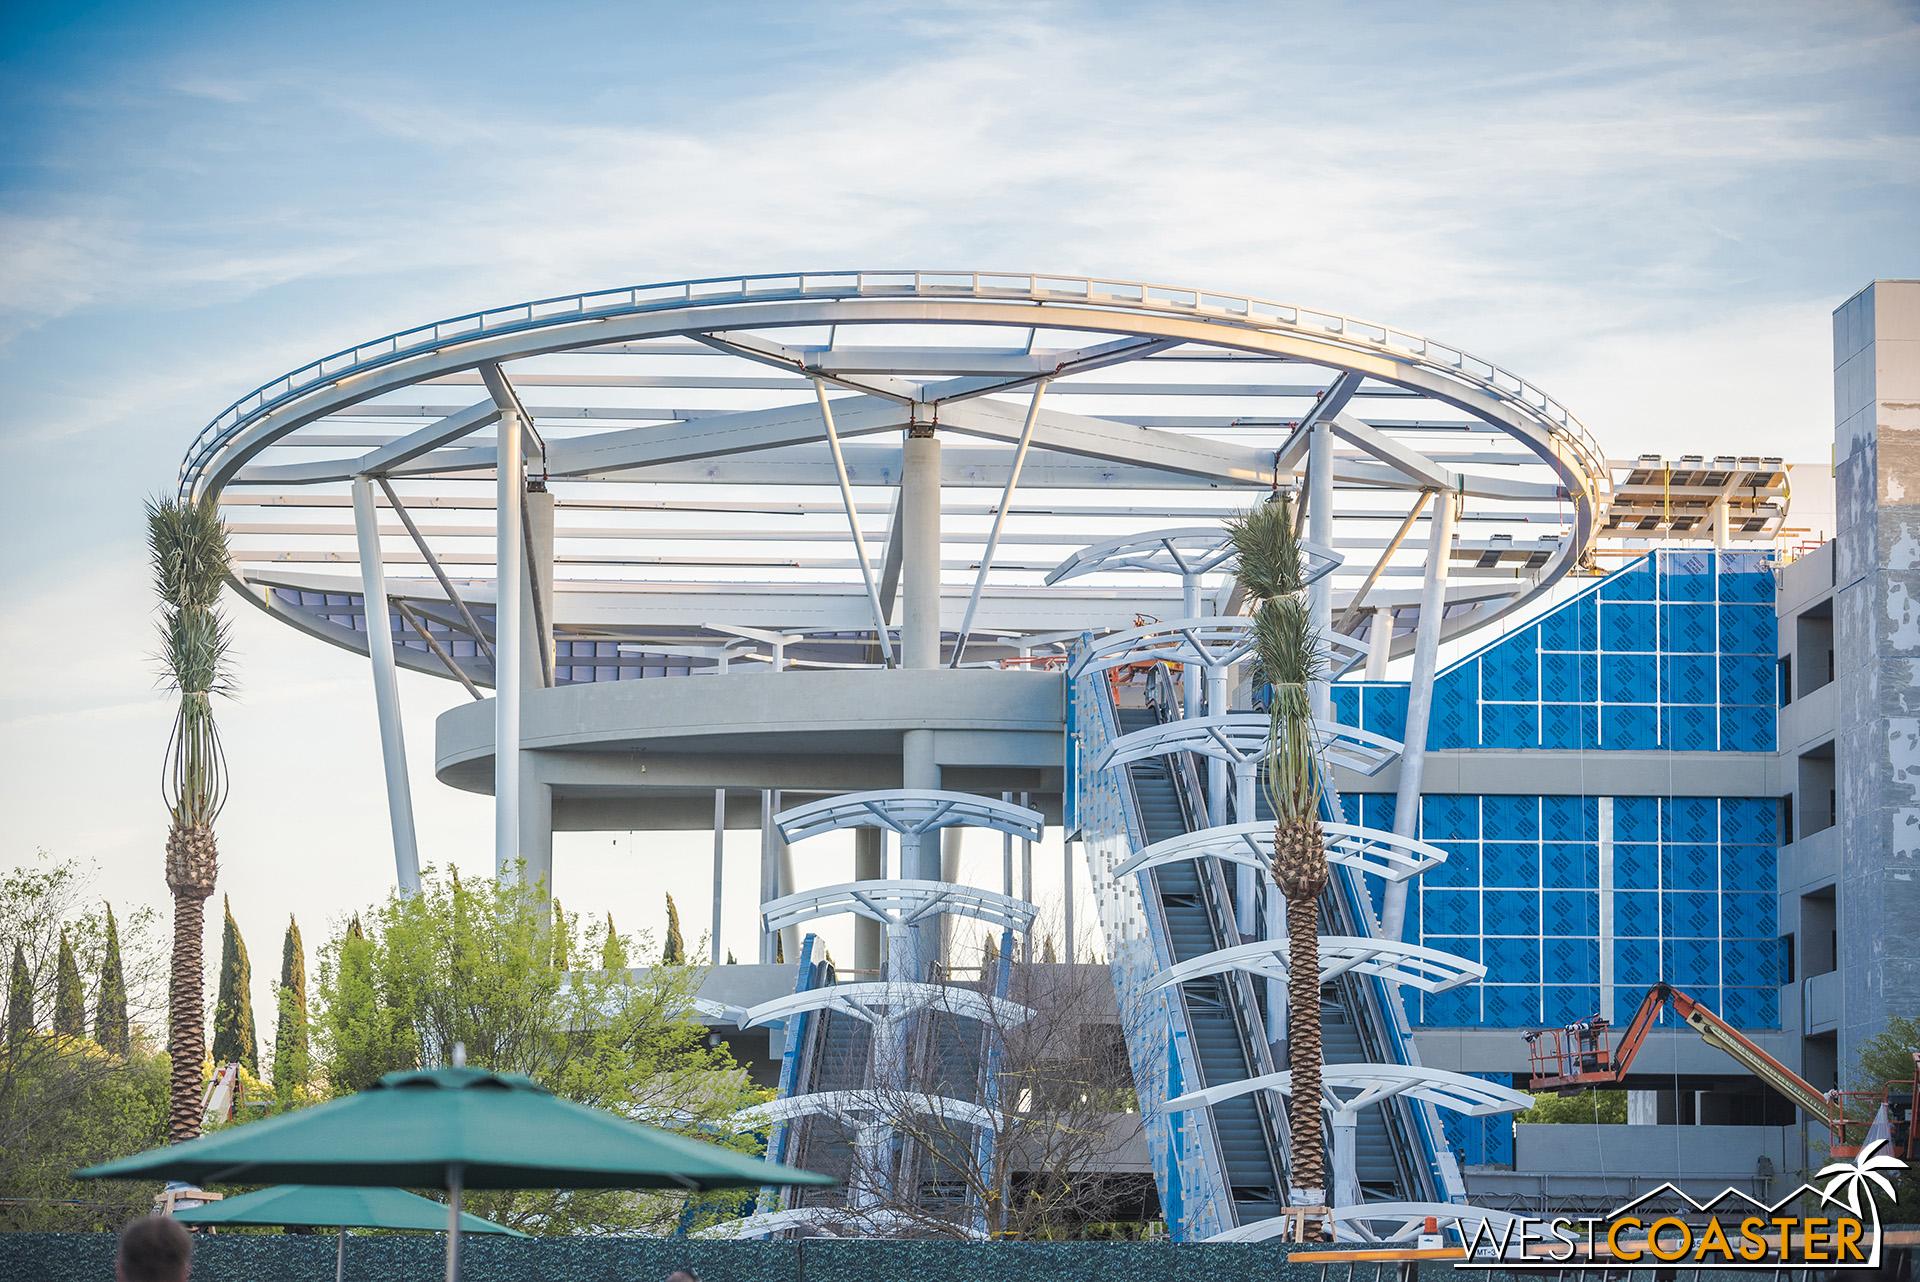 Here's the escalator promenade.